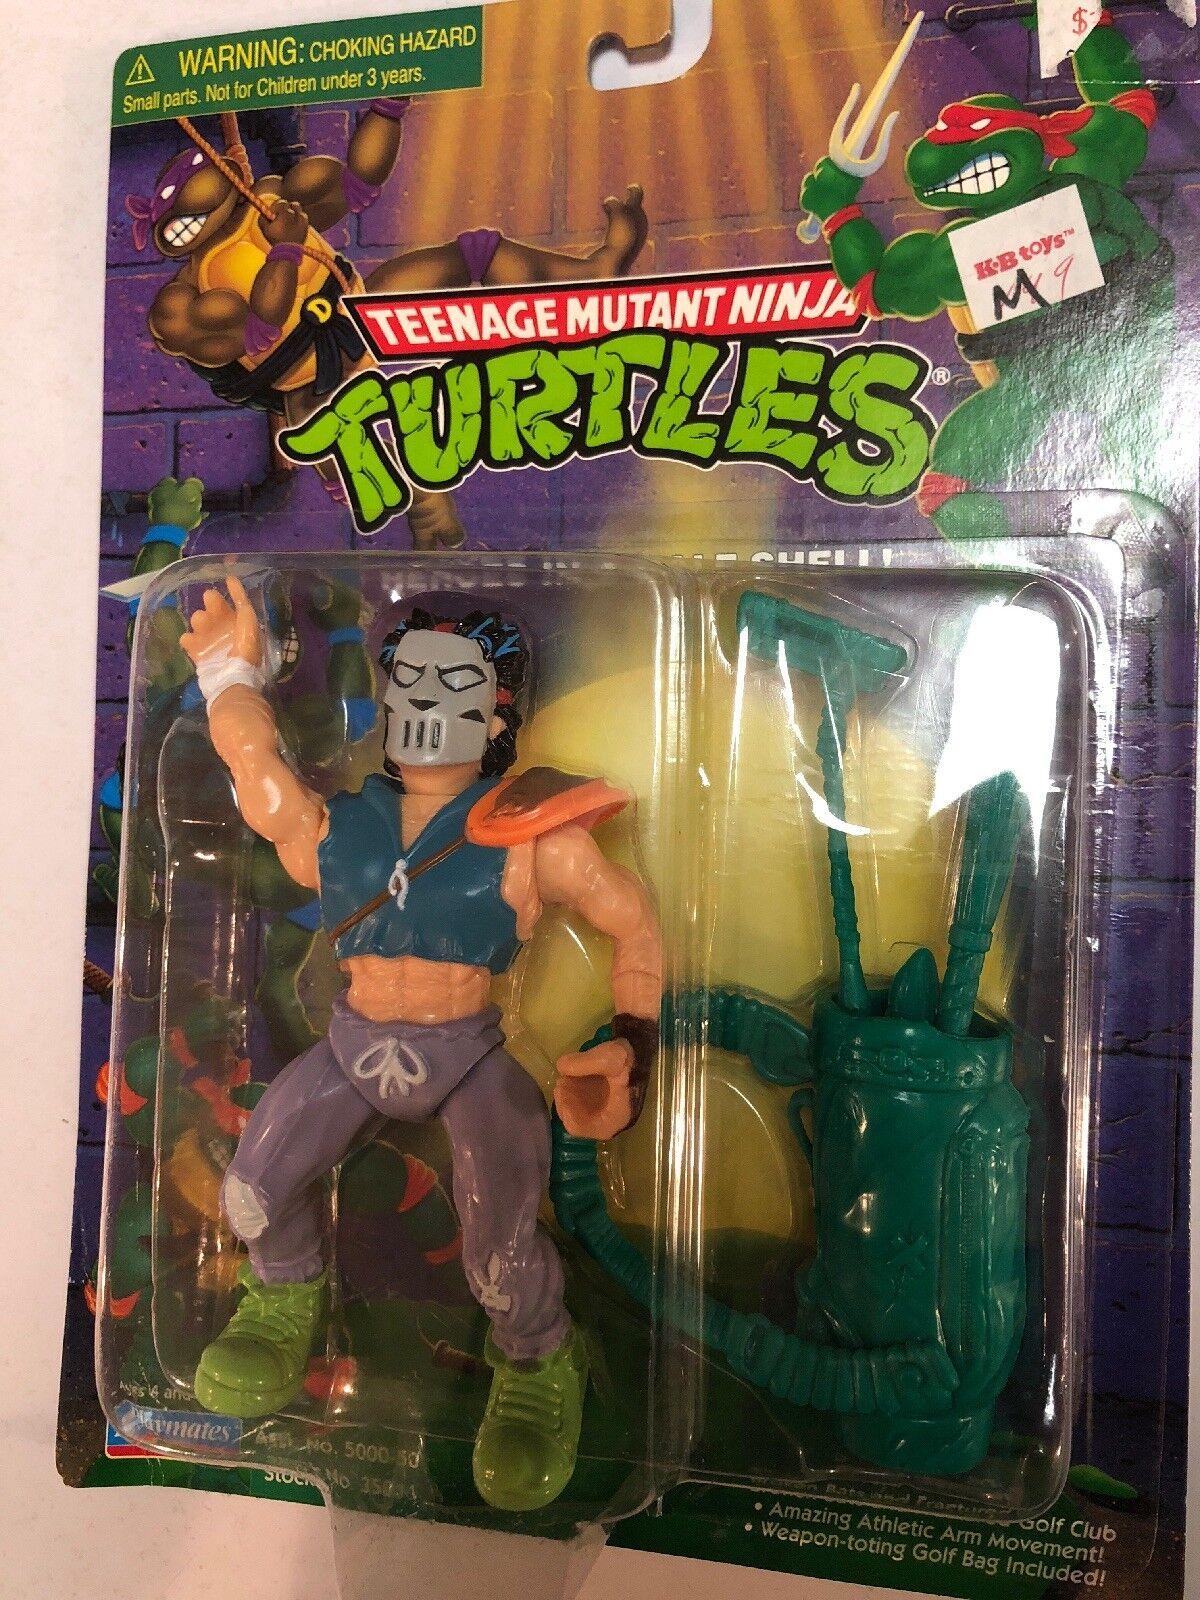 Playmates Toys Teenage Mutant Ninja Turtles Casey Jones Action Figure